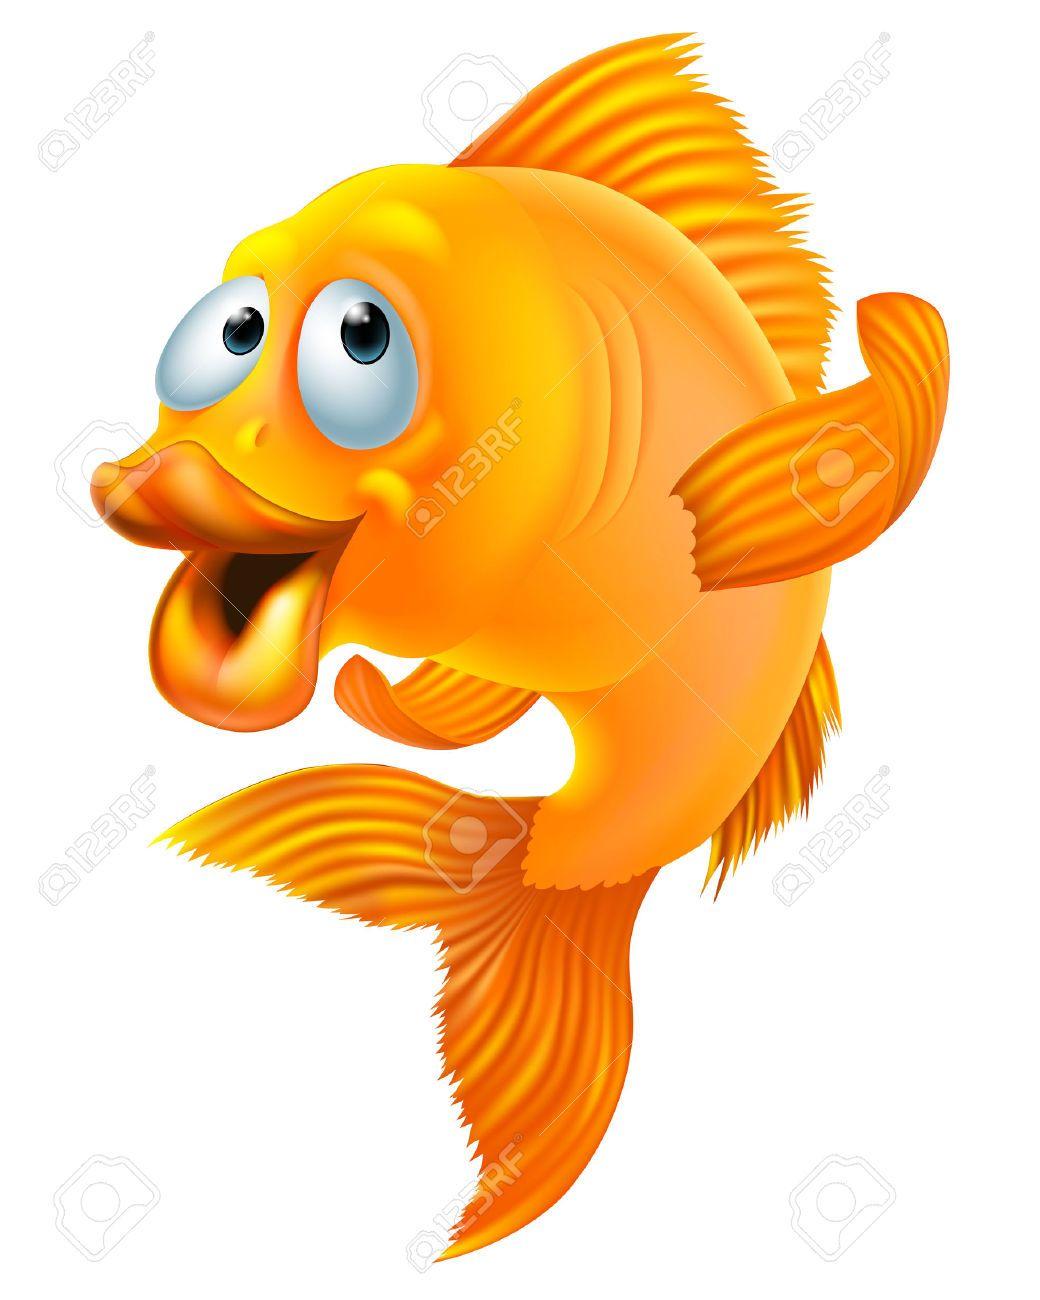 Ilustracin de un pez de dibujos animados color amarillo Fondo